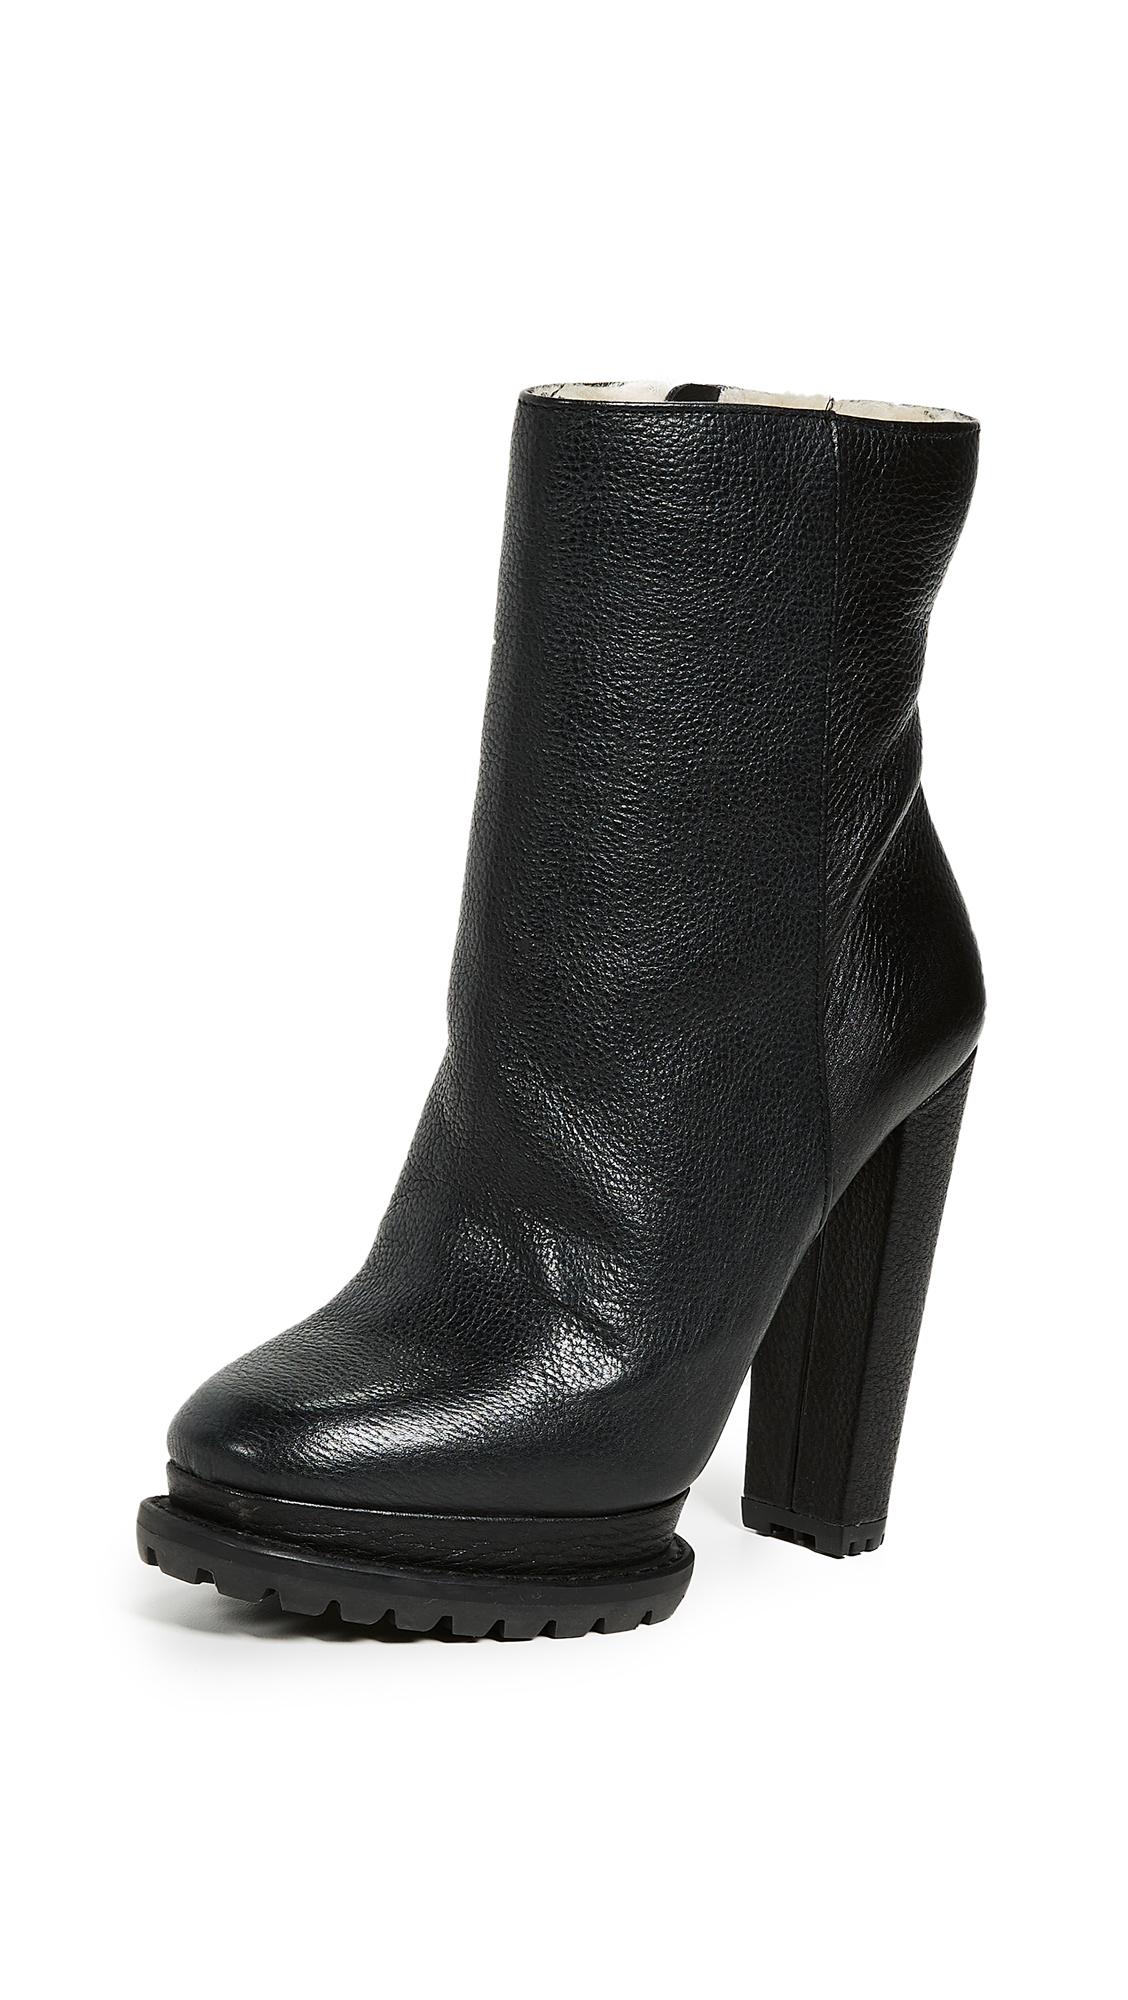 alice + olivia Holden Platform Boots - Black